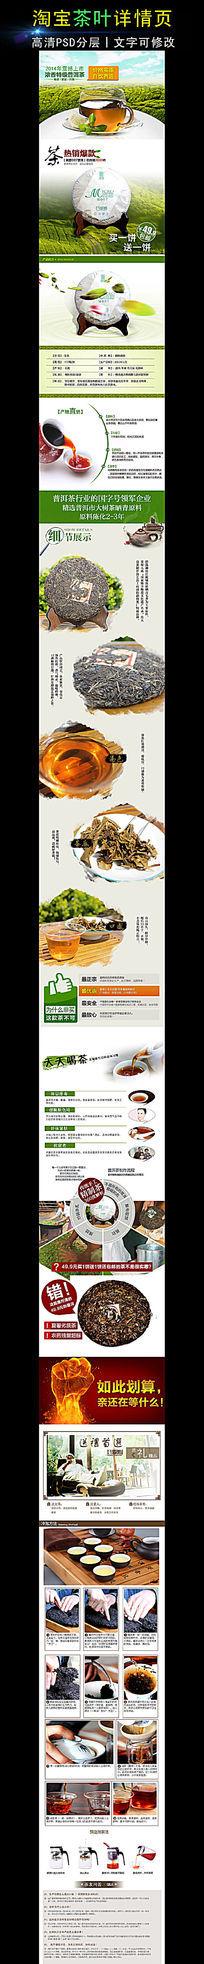 淘宝普洱茶详情页模板